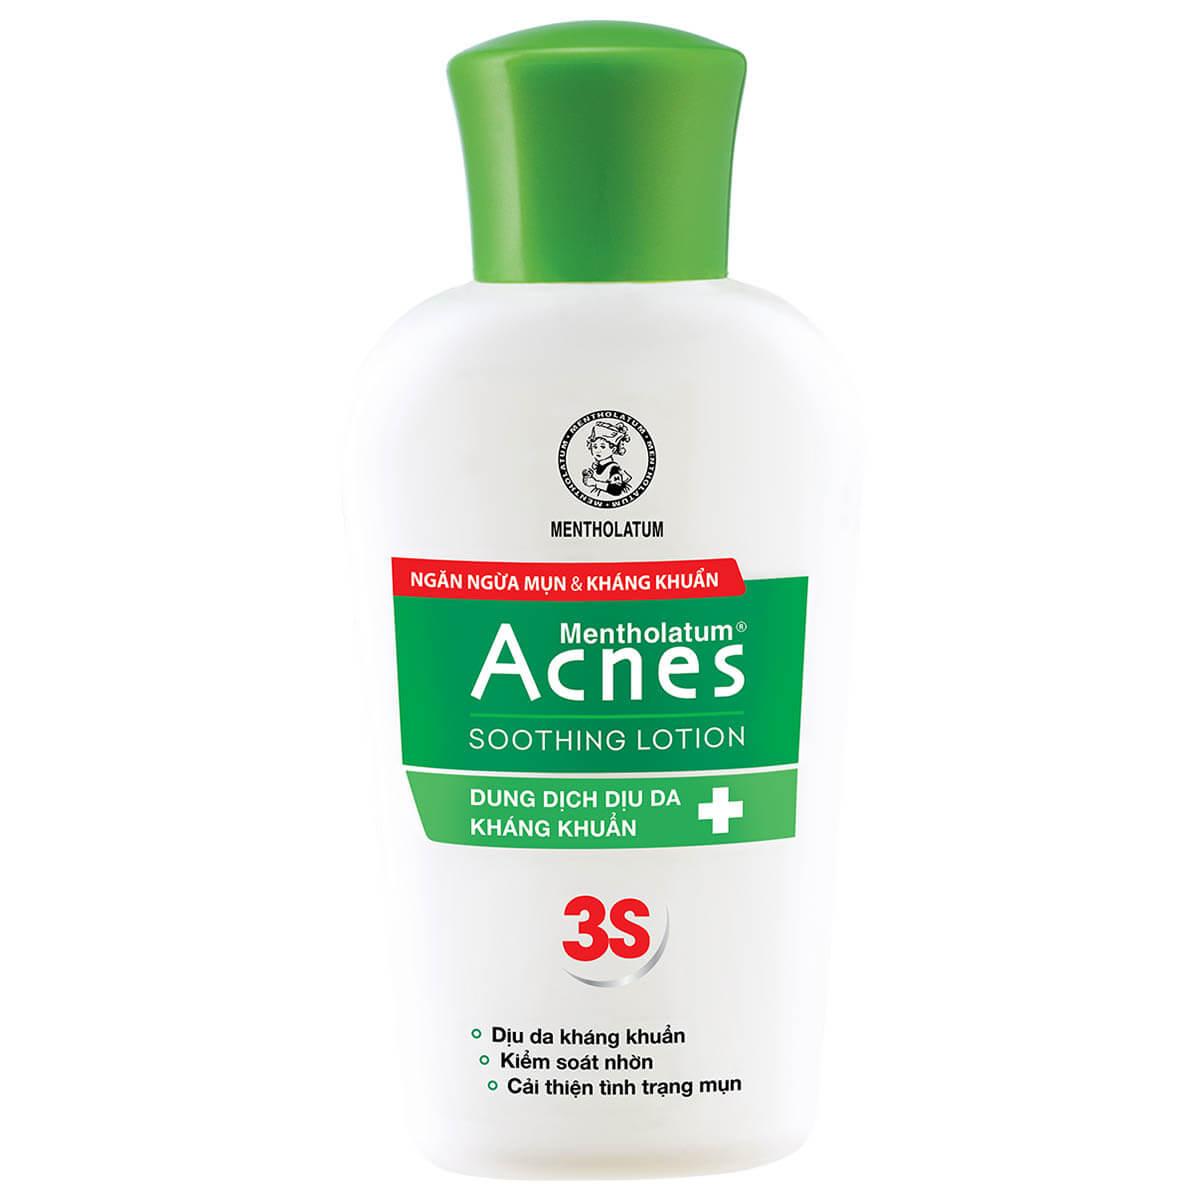 acnes soothing lotion, lotion lam diu da khang khuan, lotion cung cap do am